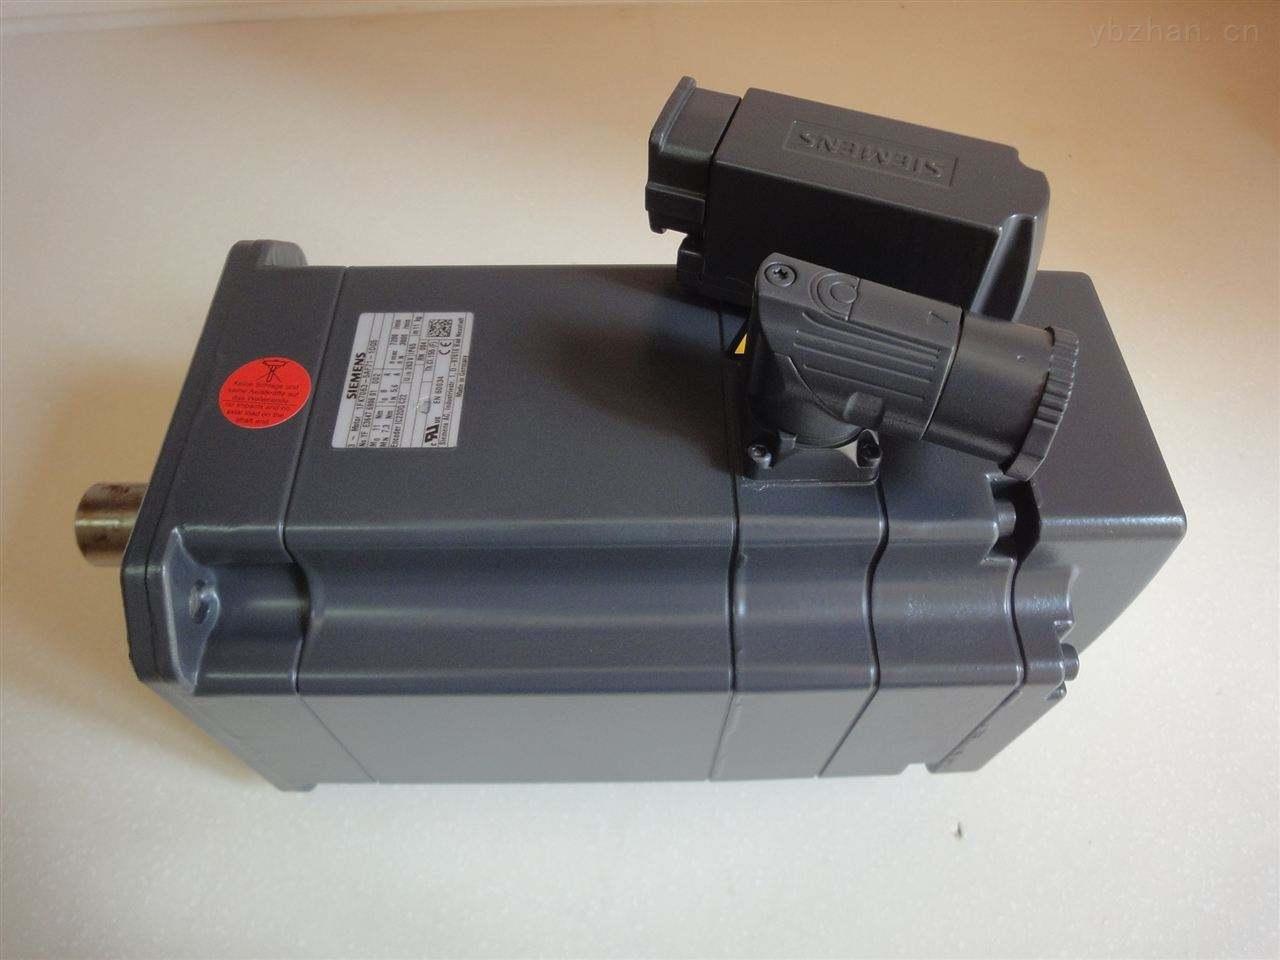 黄山西门子810D系统钻床伺服电机维修公司-当天检测提供维修